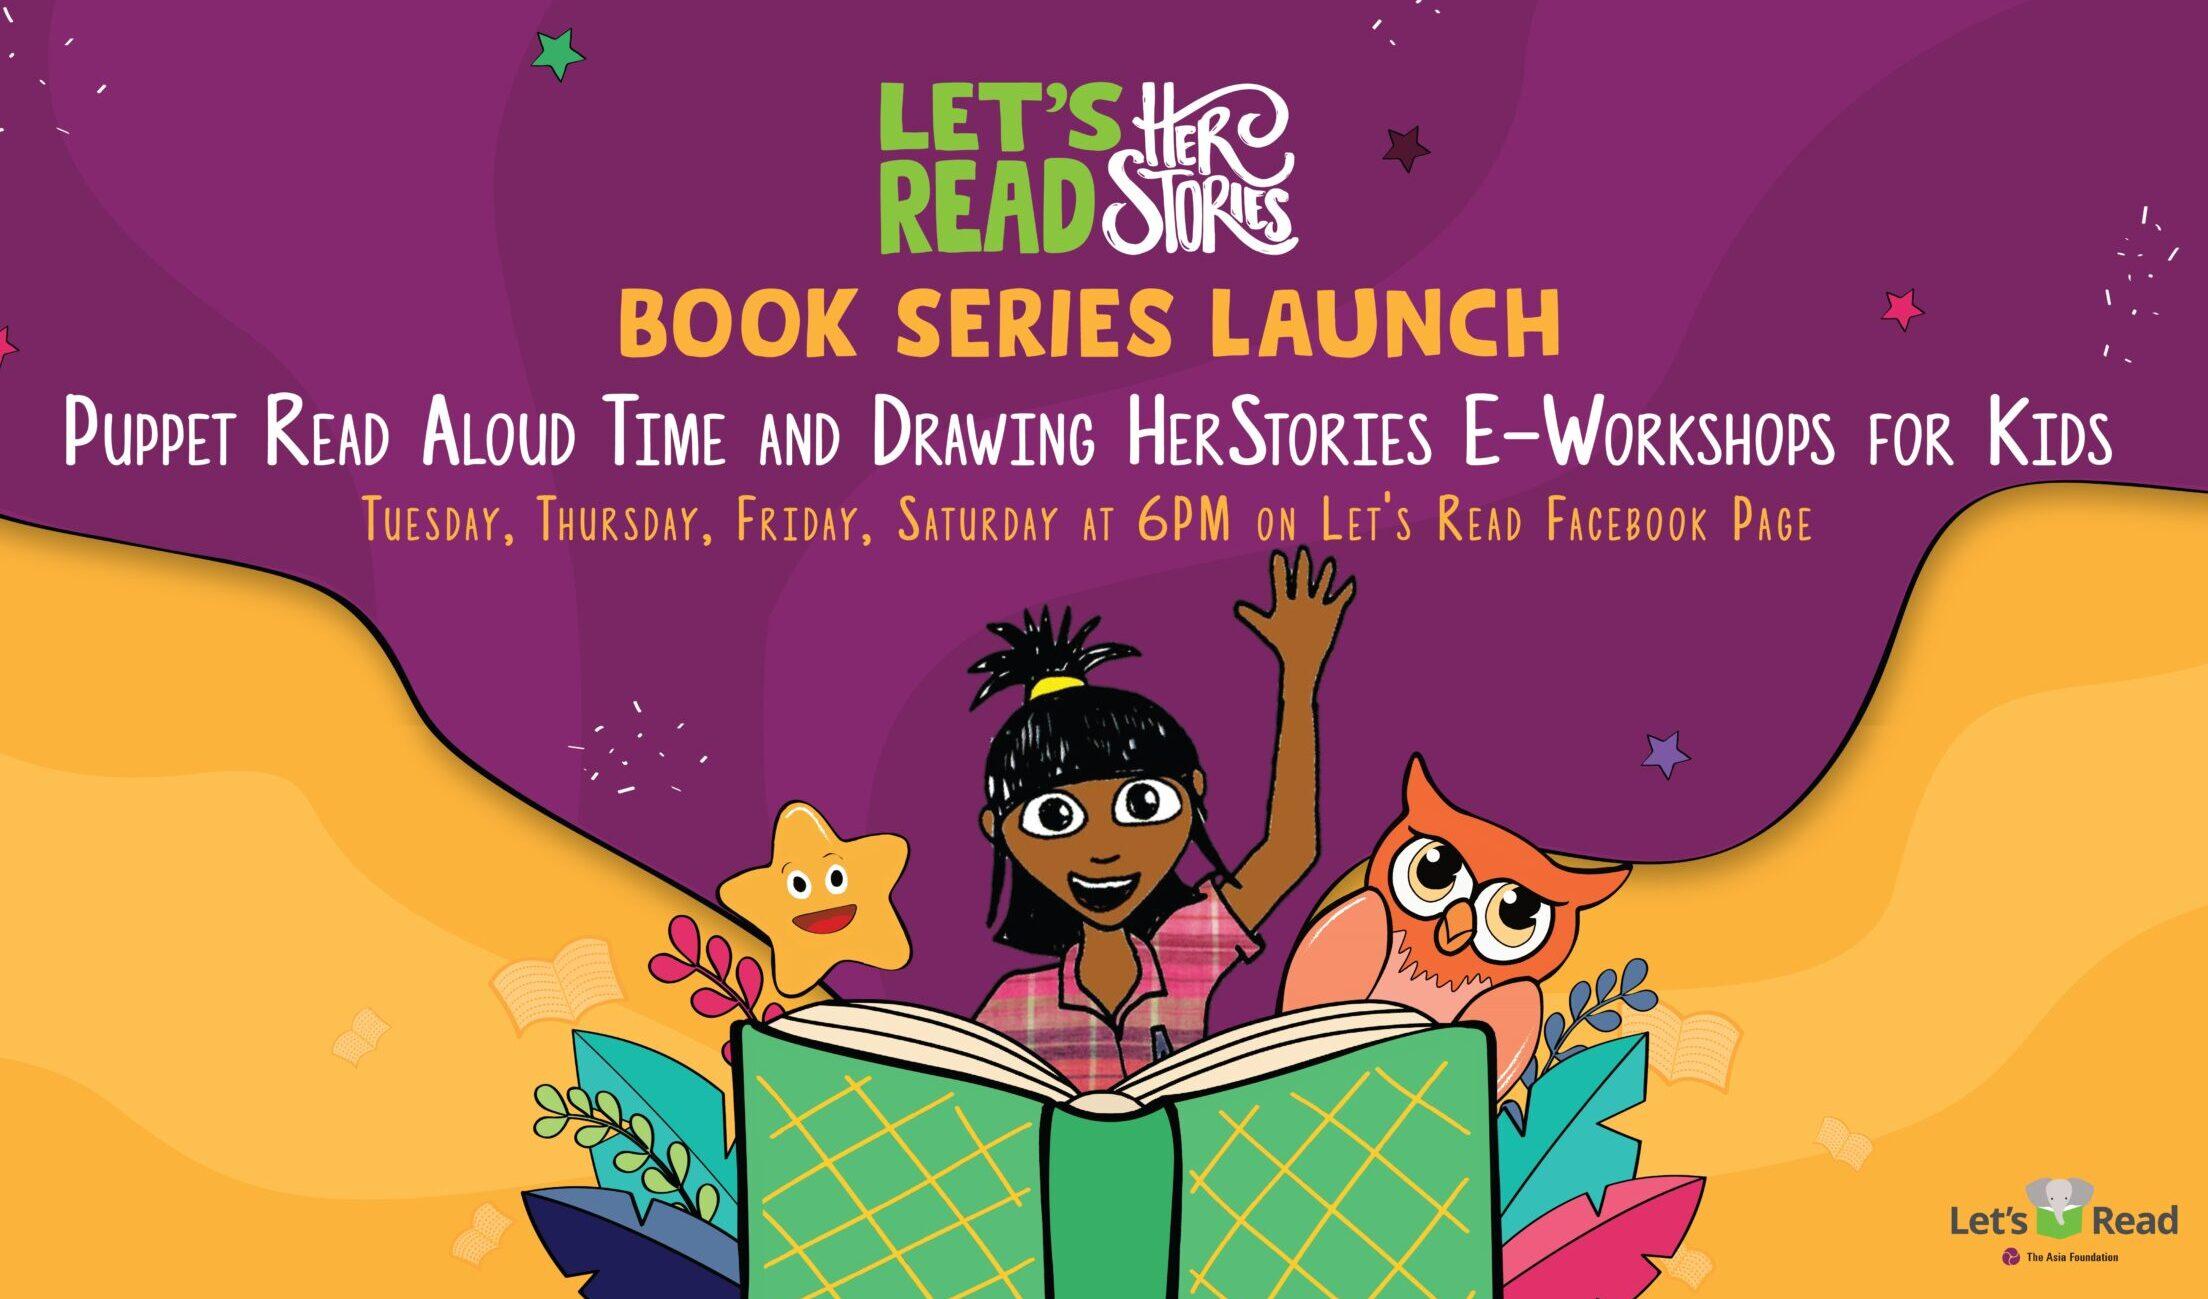 Celebrate Female Trailblazers  with New Children's E-book Series